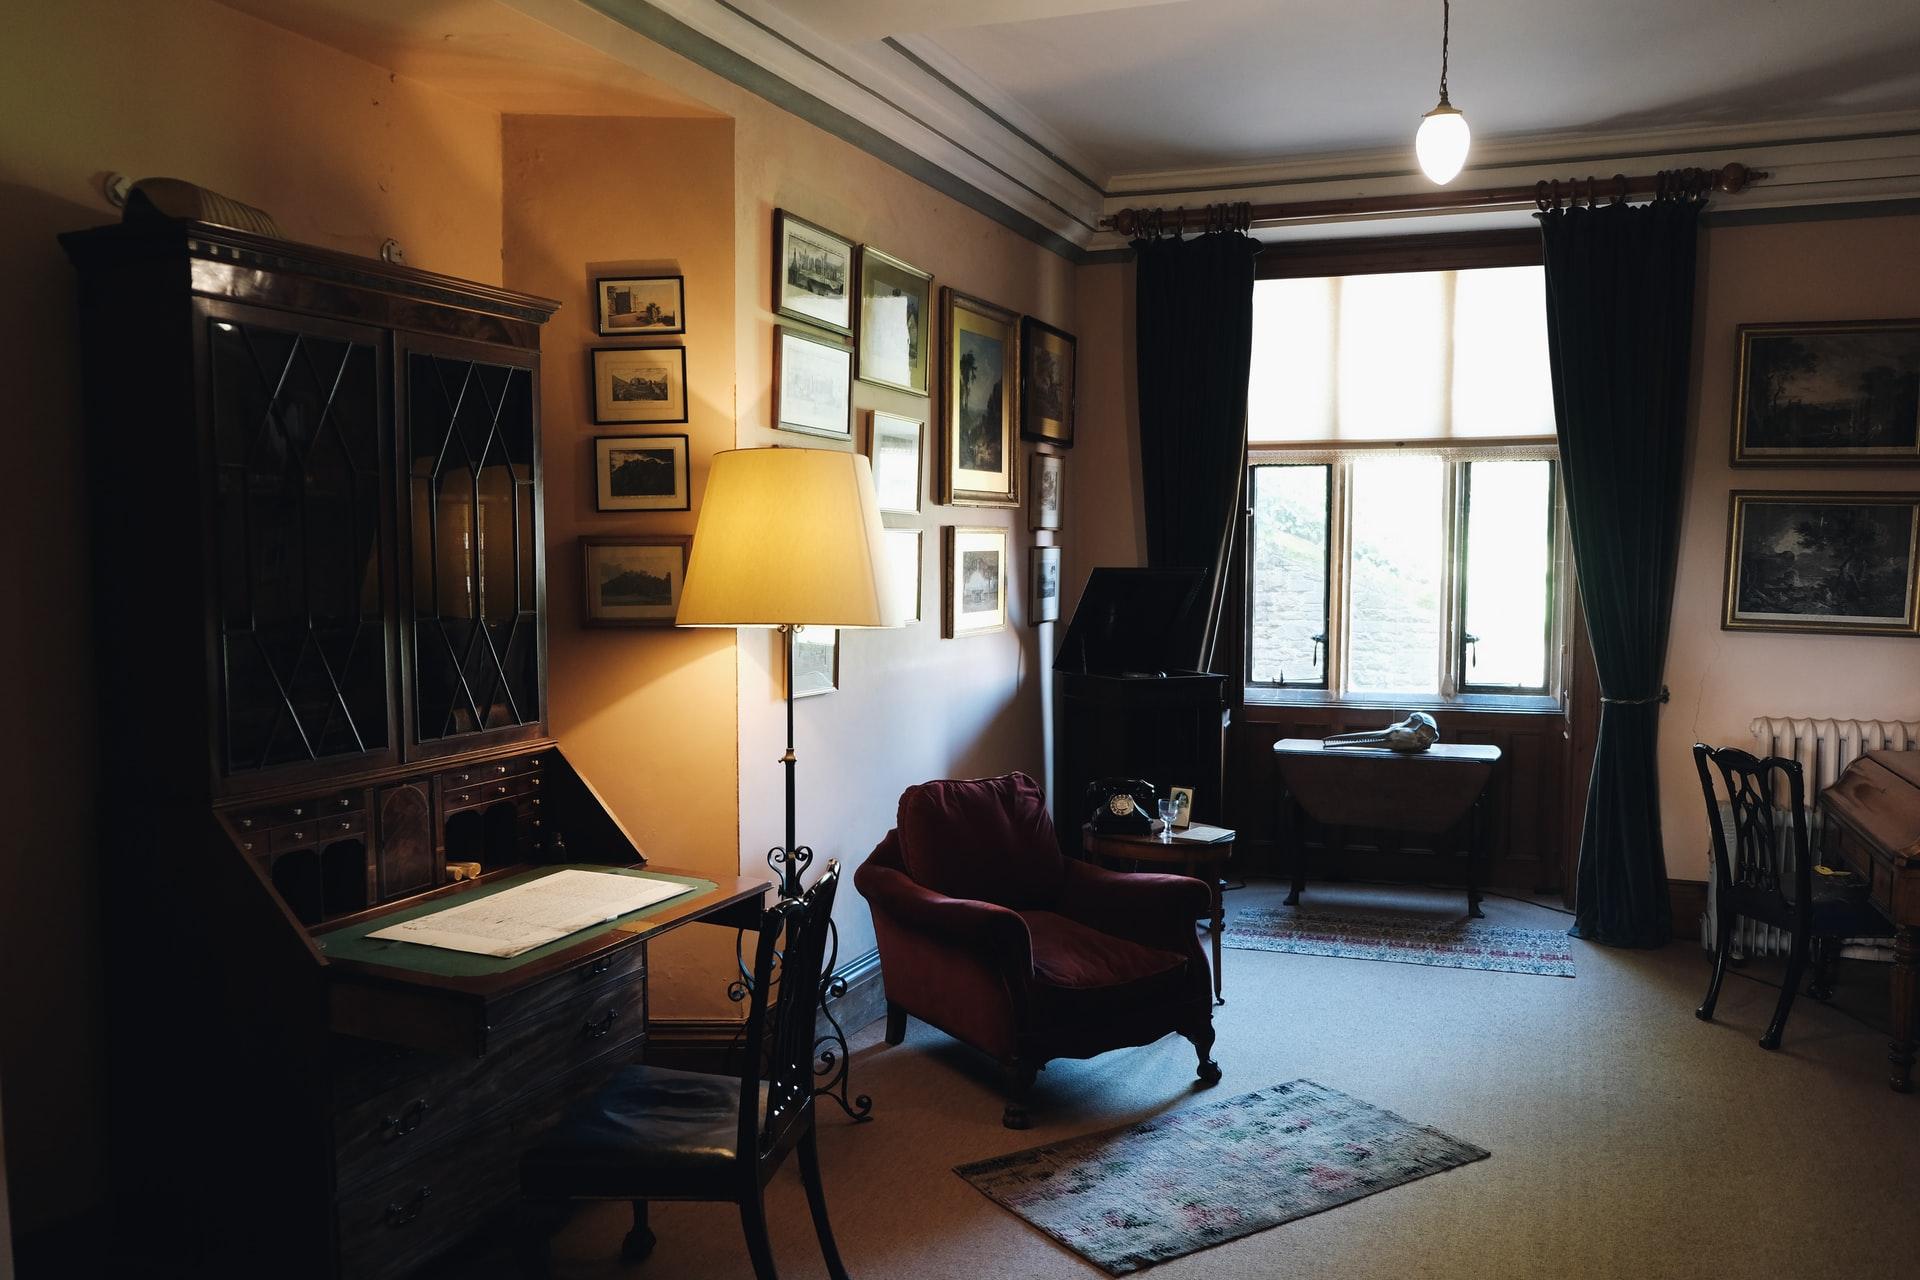 stehlampe-wohnzimmer-test